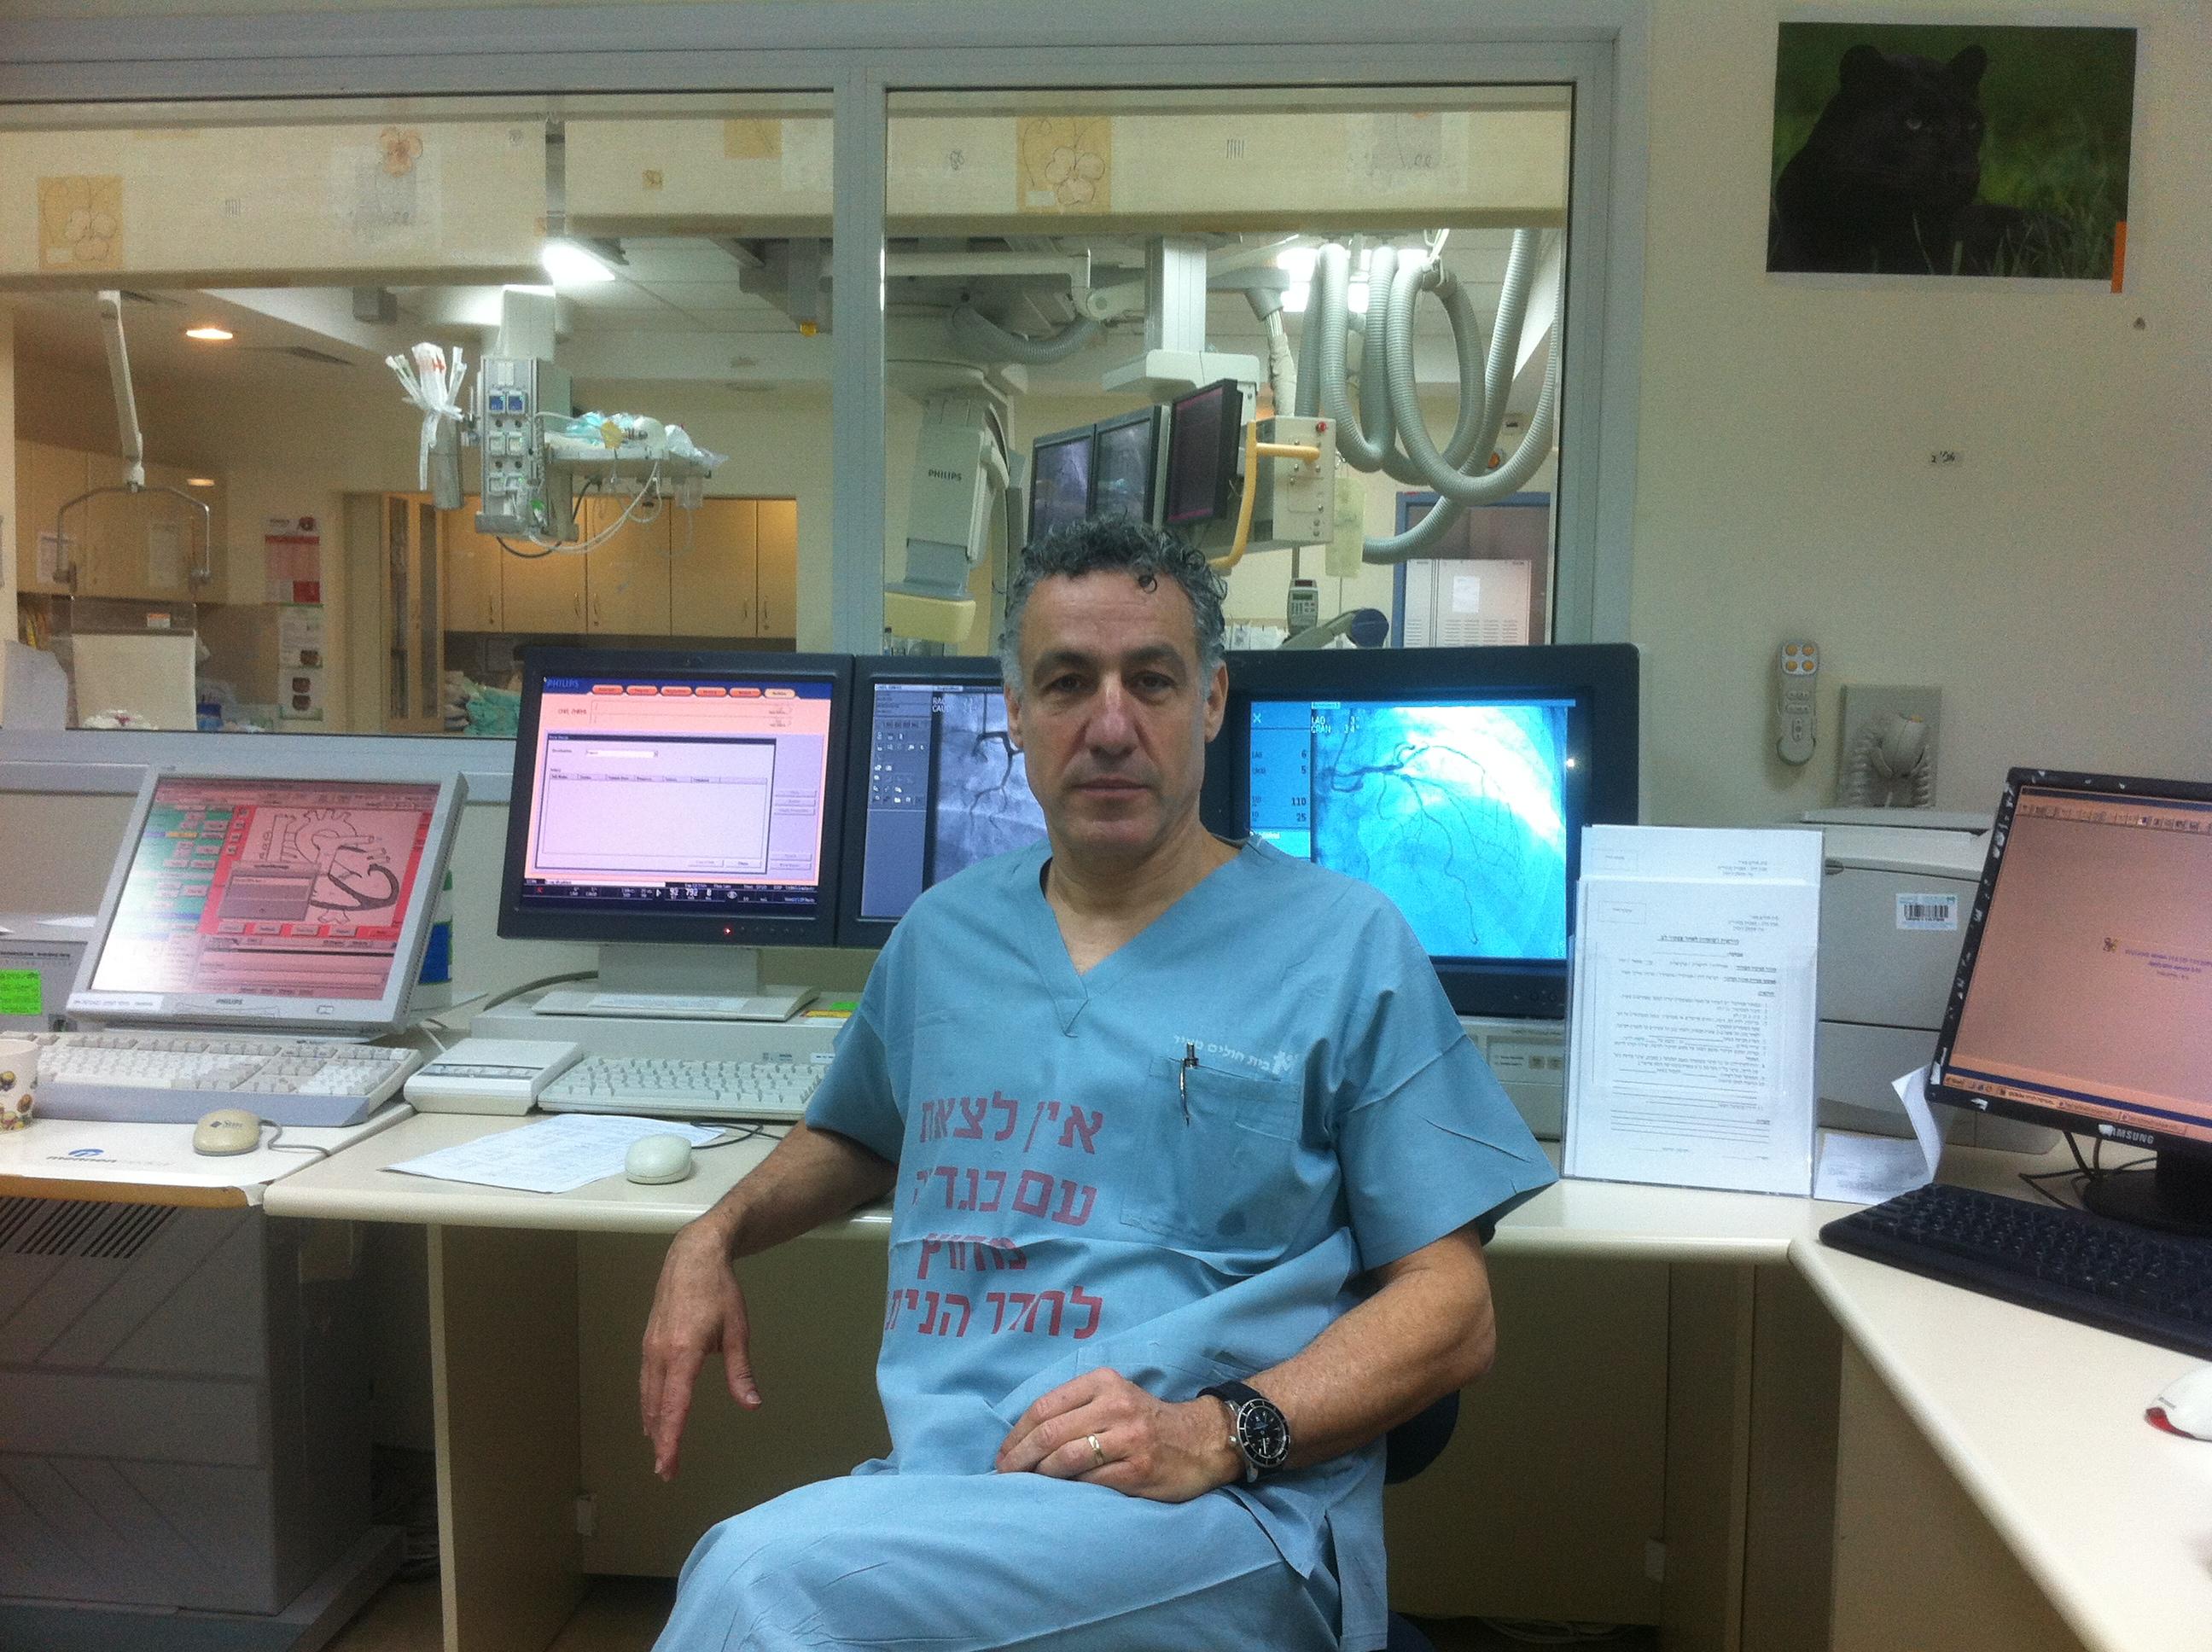 דוקטור אליעזר רוזנבאום - תמונת פרופיל